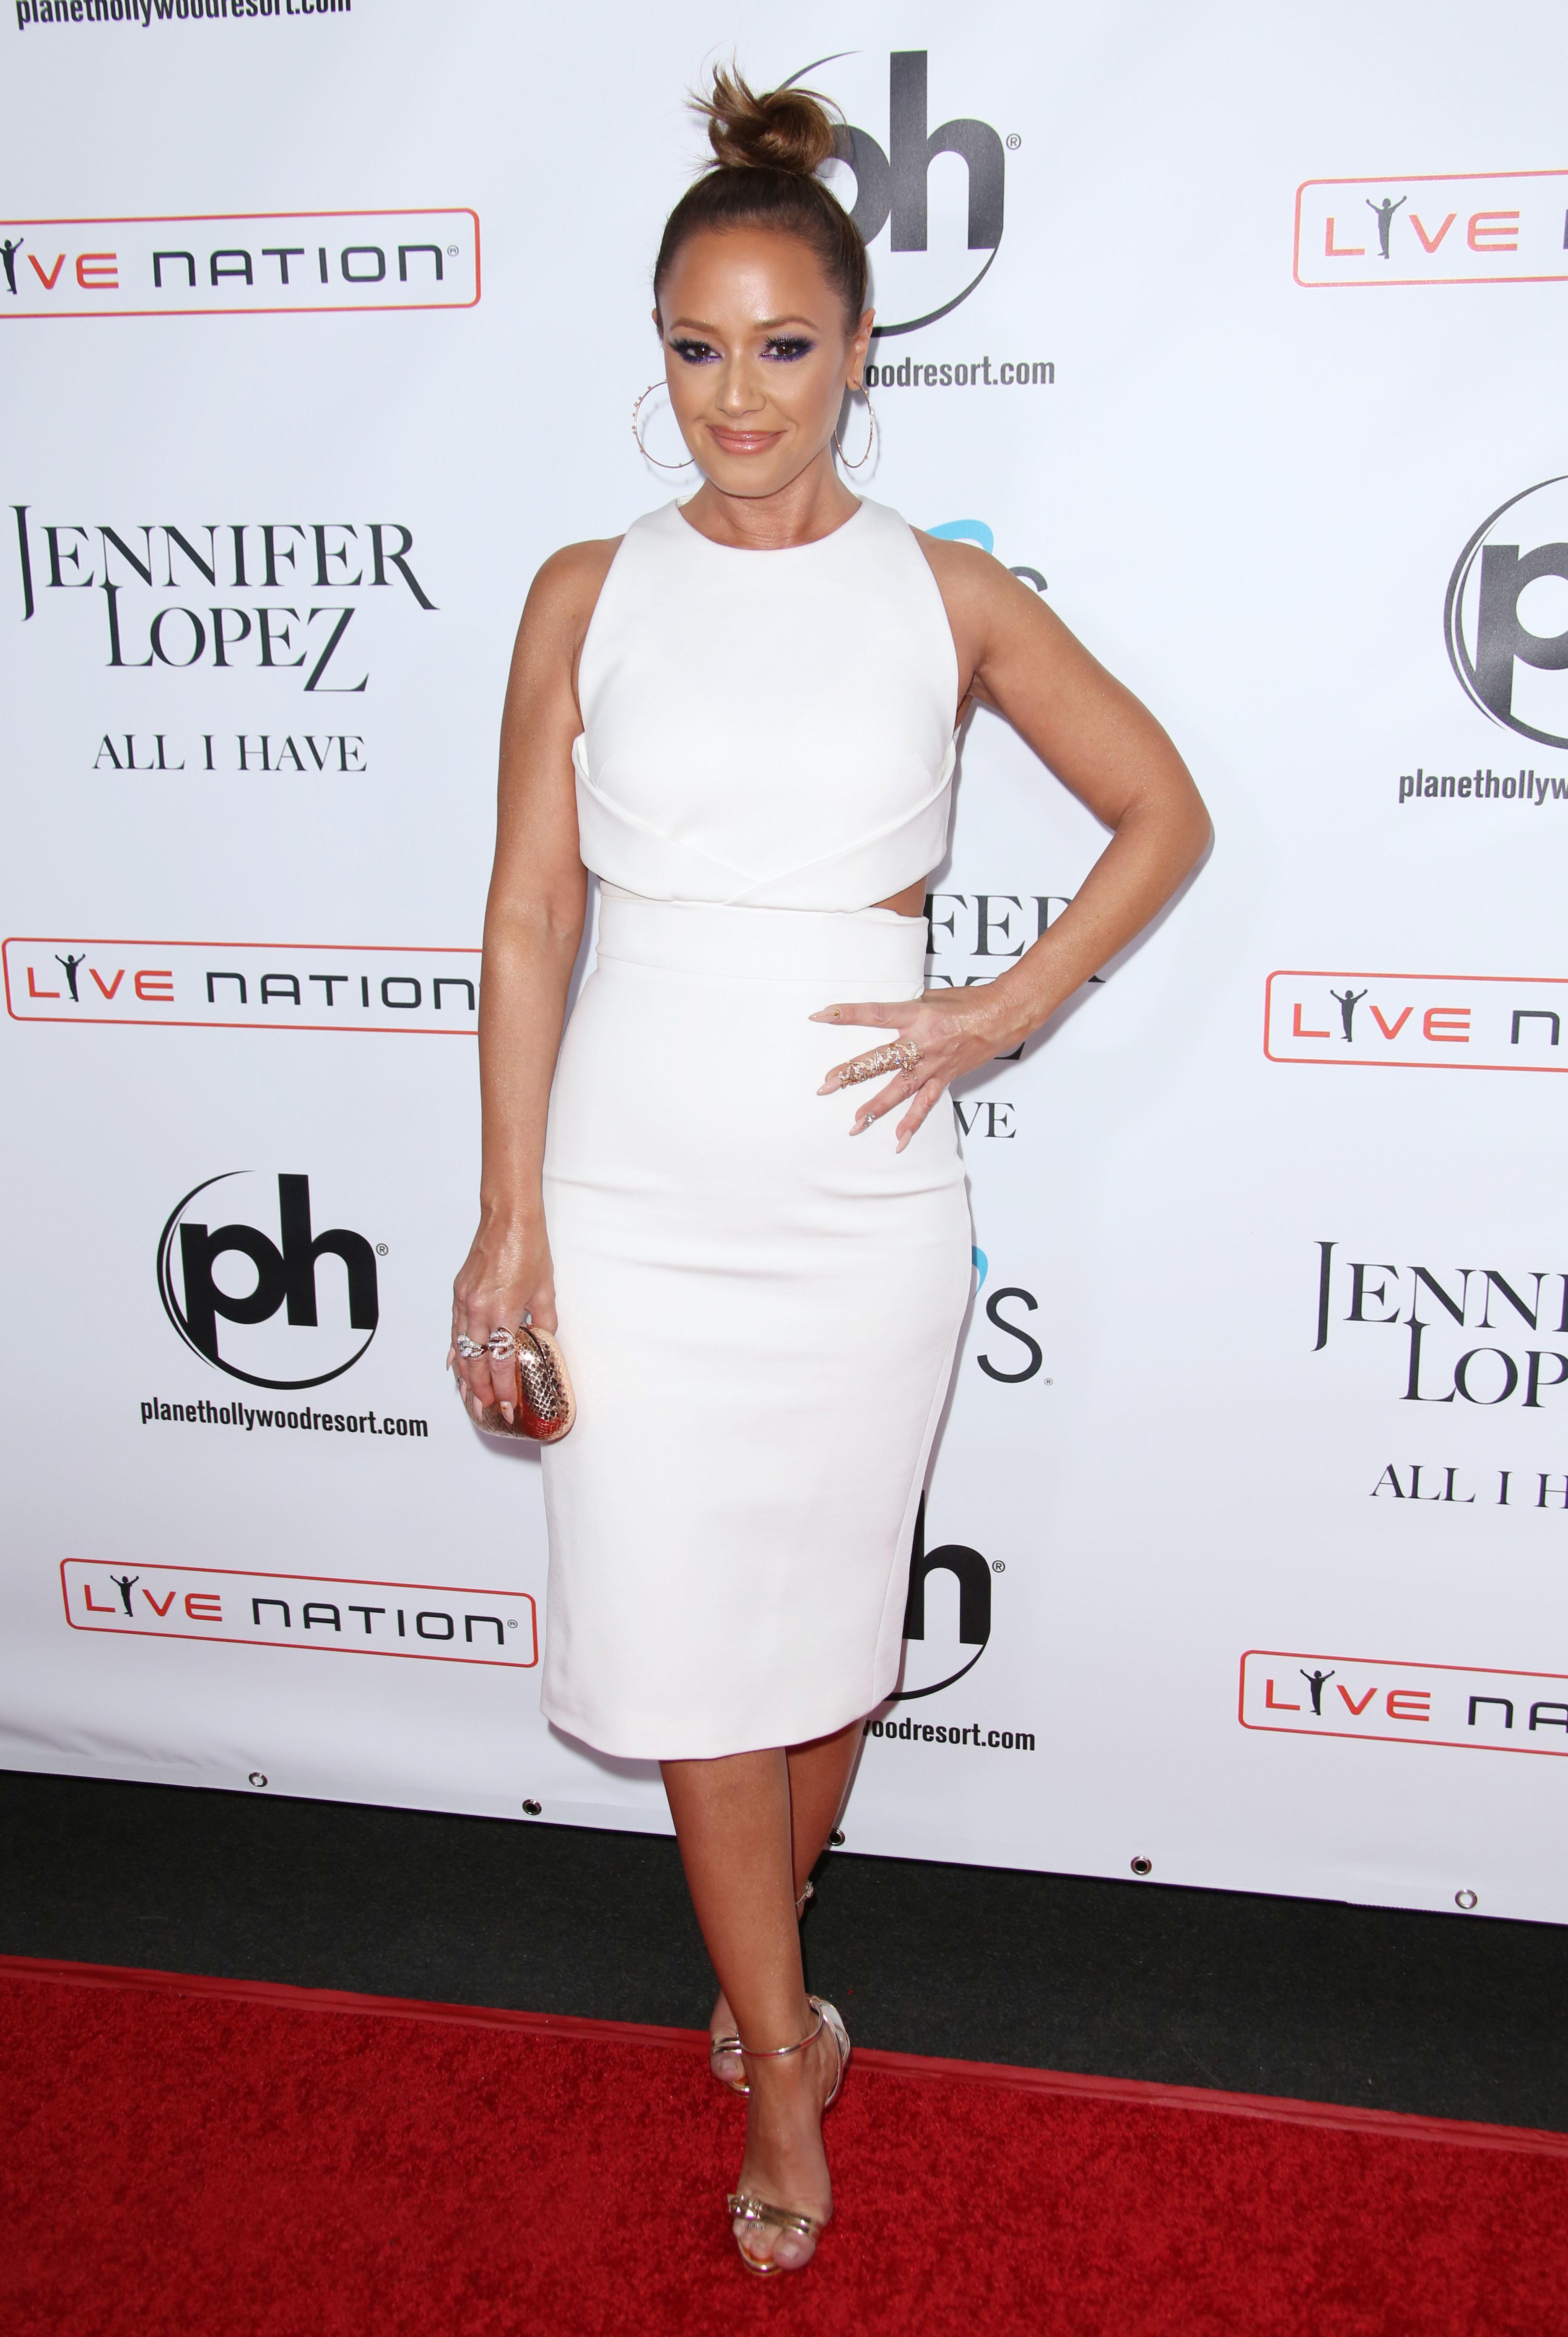 Leah Remini's Scientology show targets David Miscavige